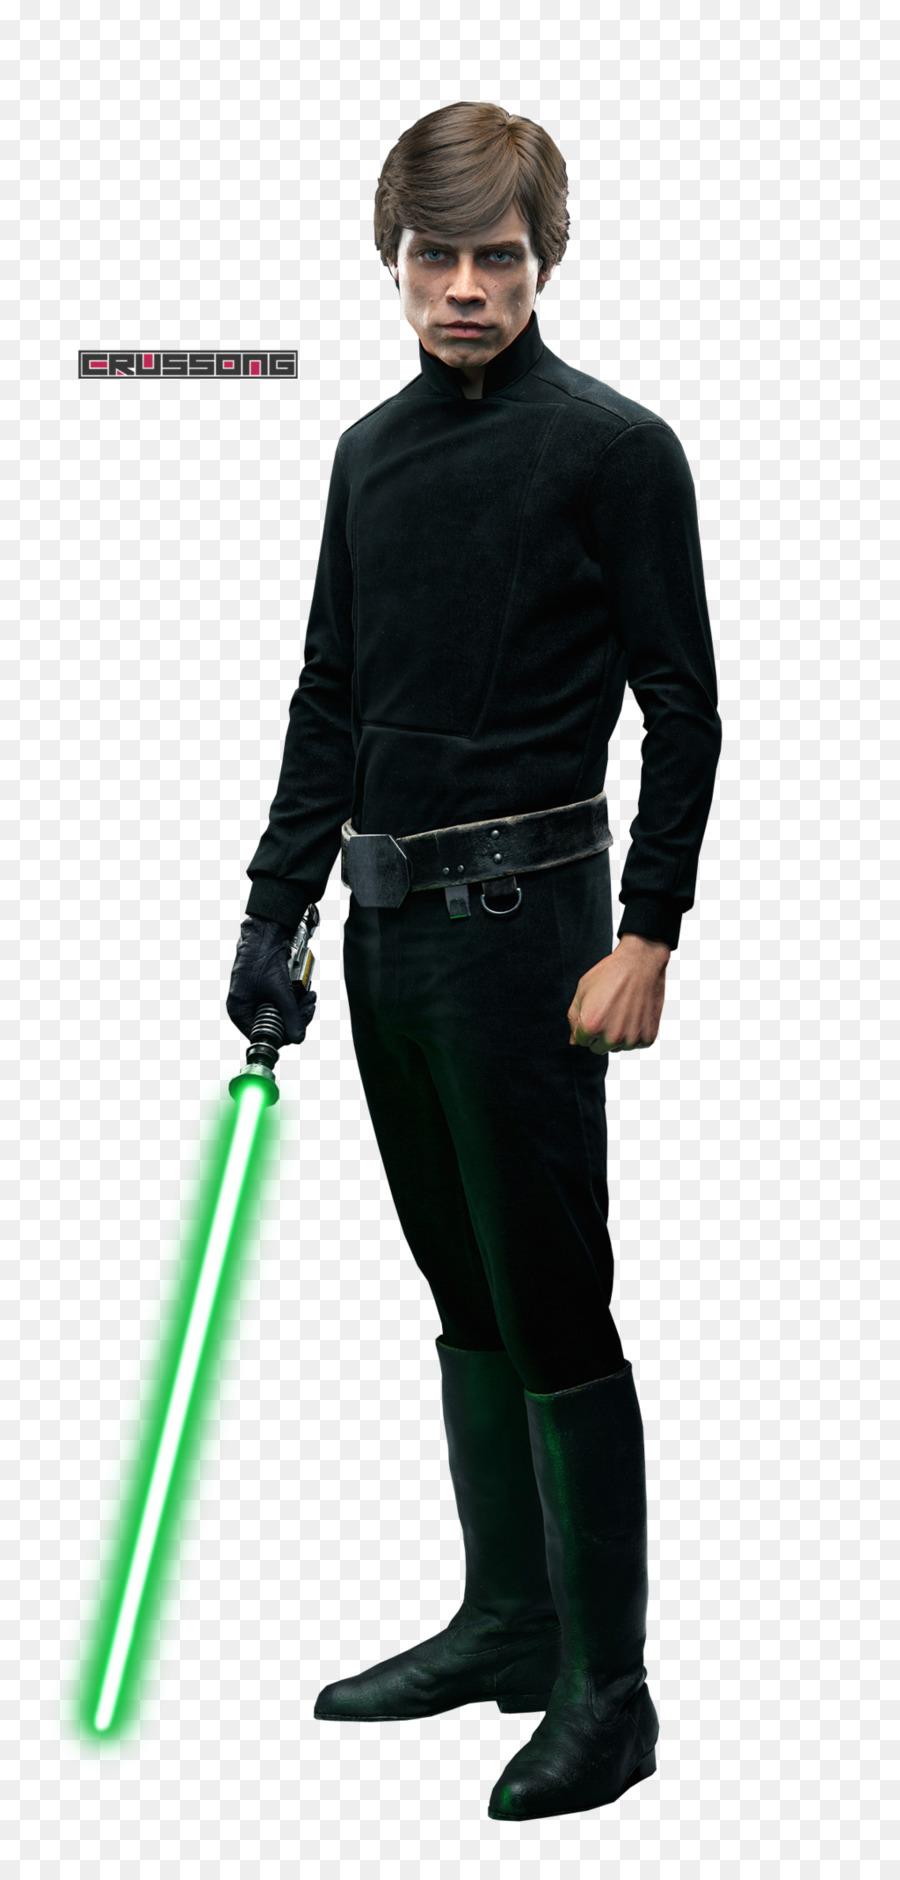 Luke Skywalker Return of the Jedi Anakin Skywalker Star Wars.